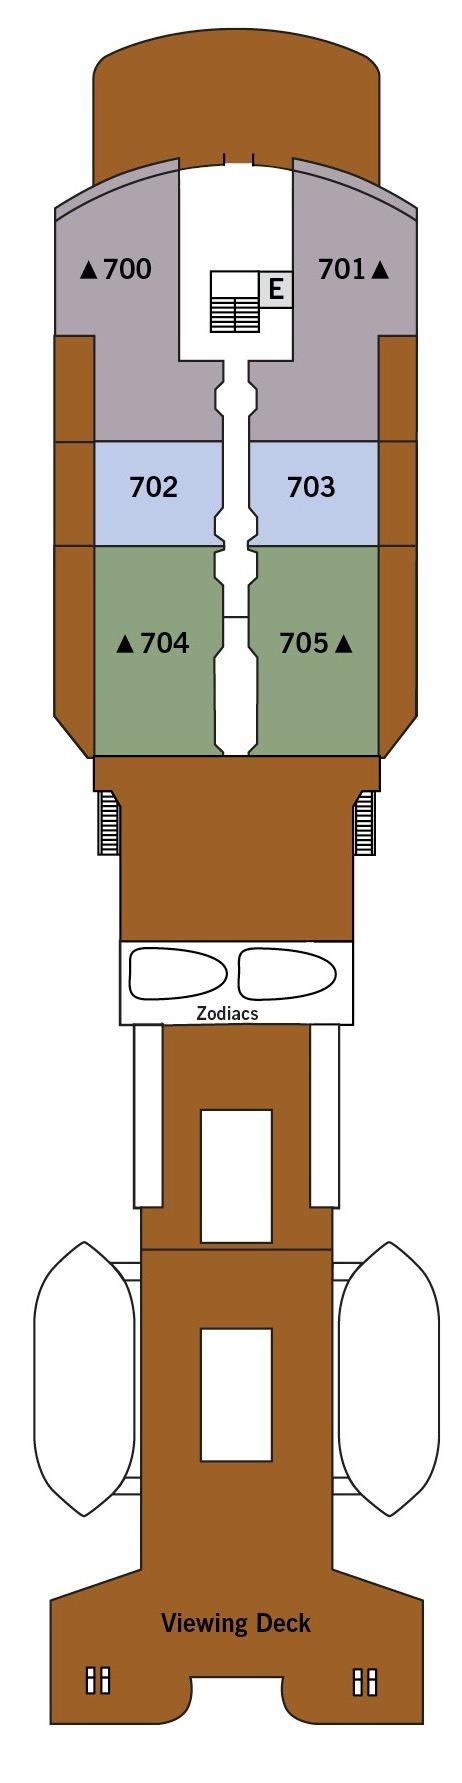 Silver Explorer deck plans - Deck 7